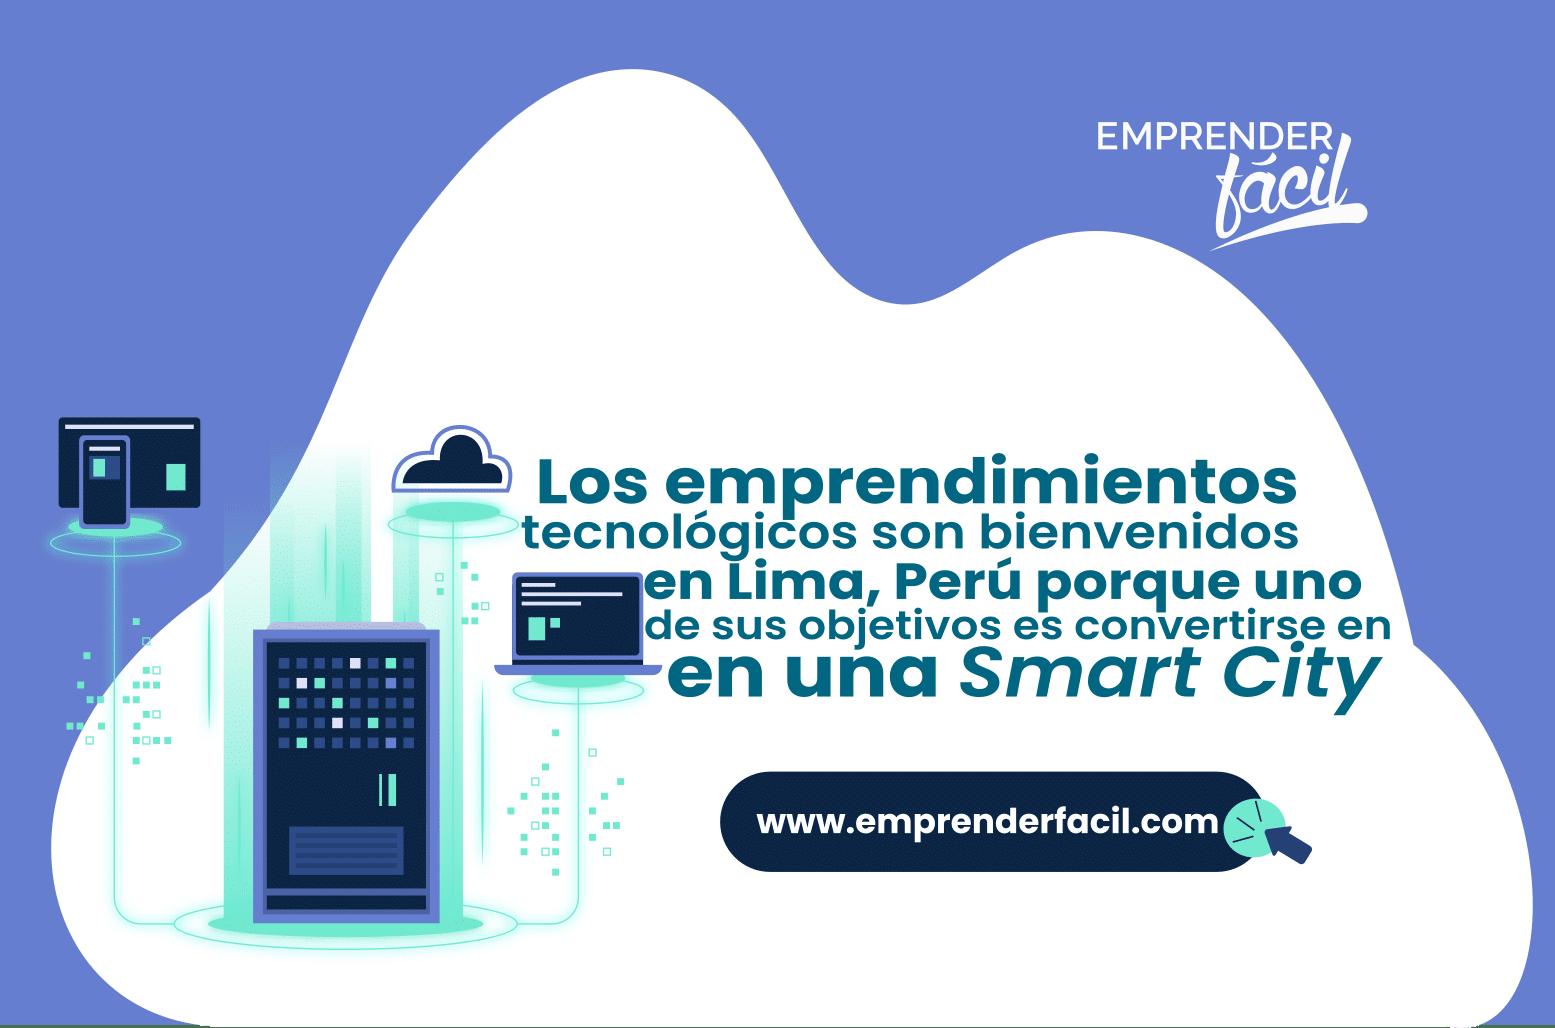 ¿Cómo iniciar negocios rentables en Lima?